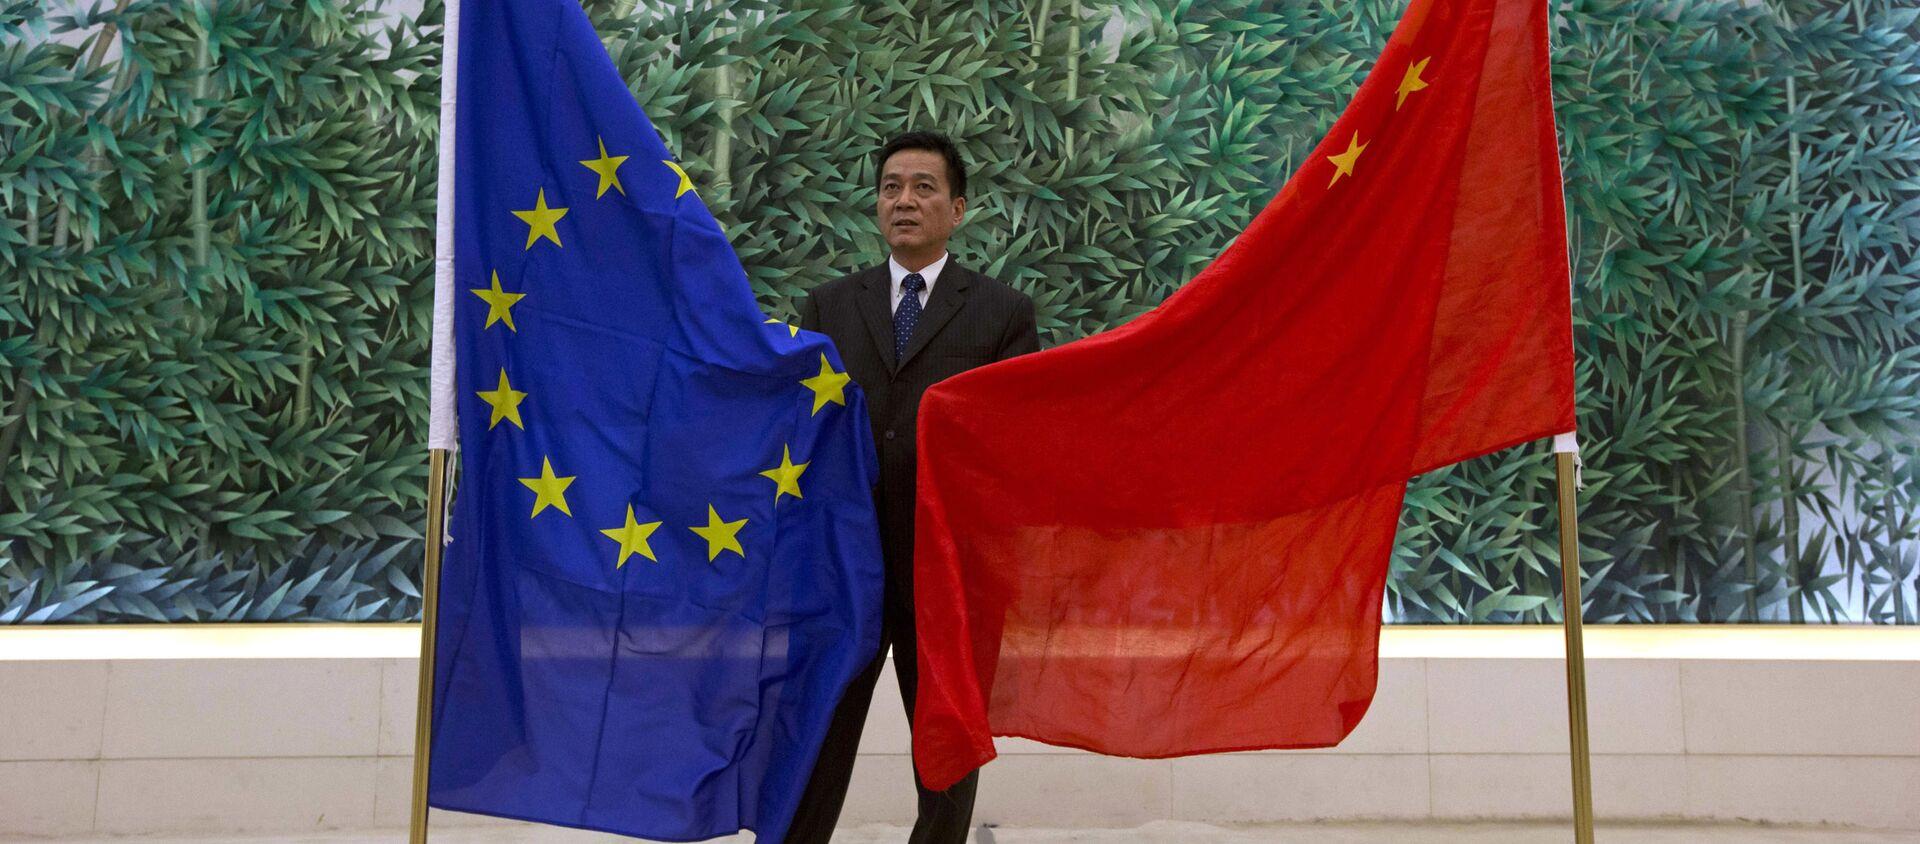 Cờ của EU và Trung Quốc ở Bắc Kinh - Sputnik Việt Nam, 1920, 20.05.2021